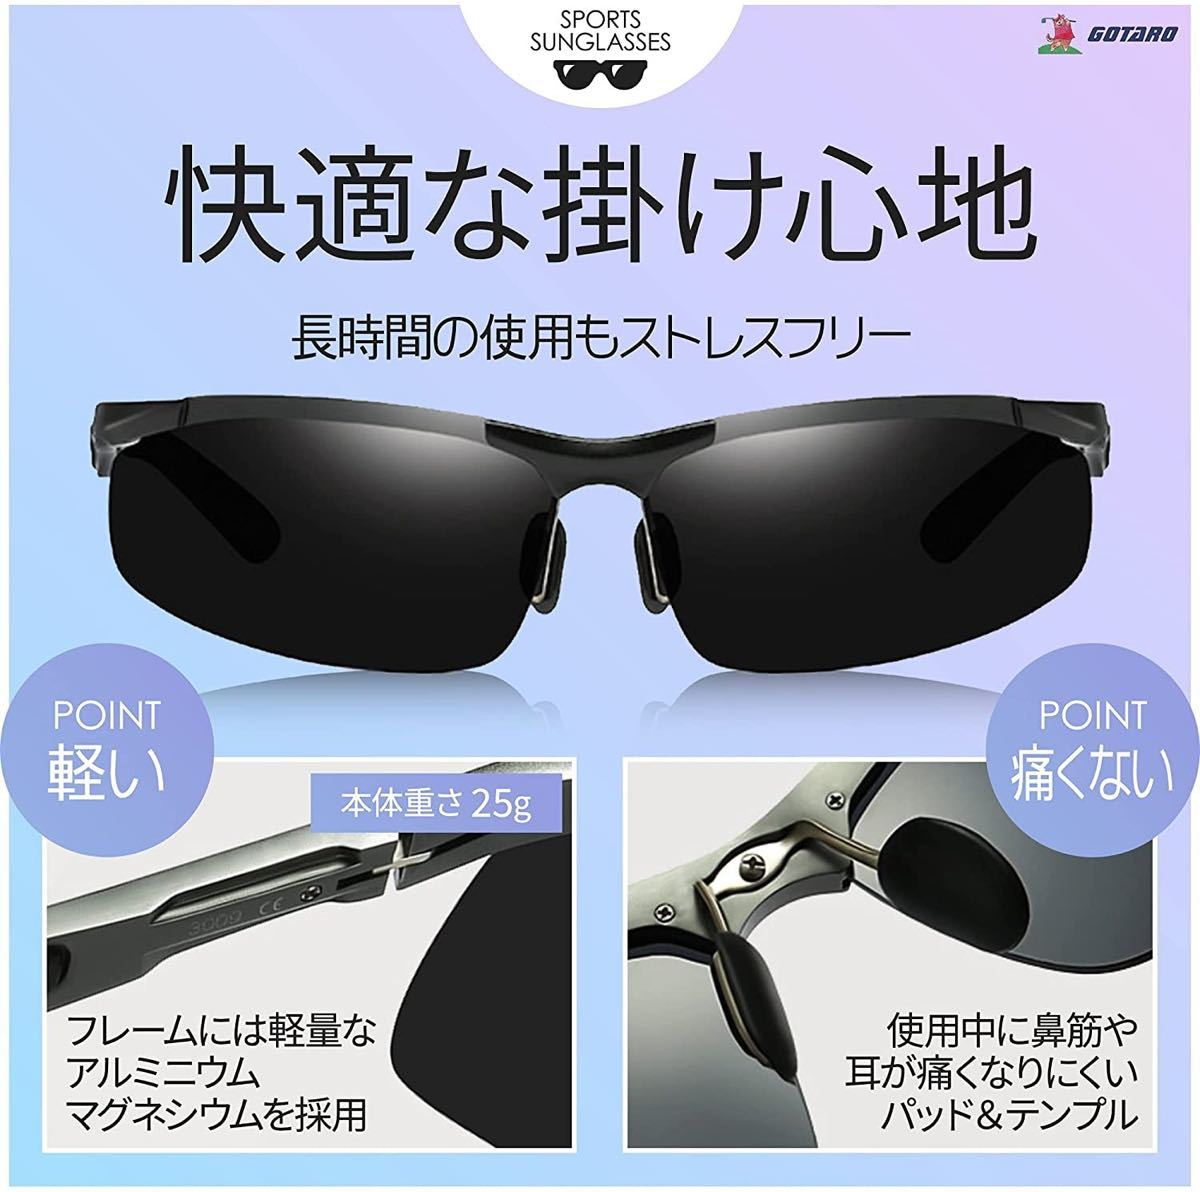 スポーツサングラス 偏光レンズ 超軽量 ブルーライトカット 紫外線カット